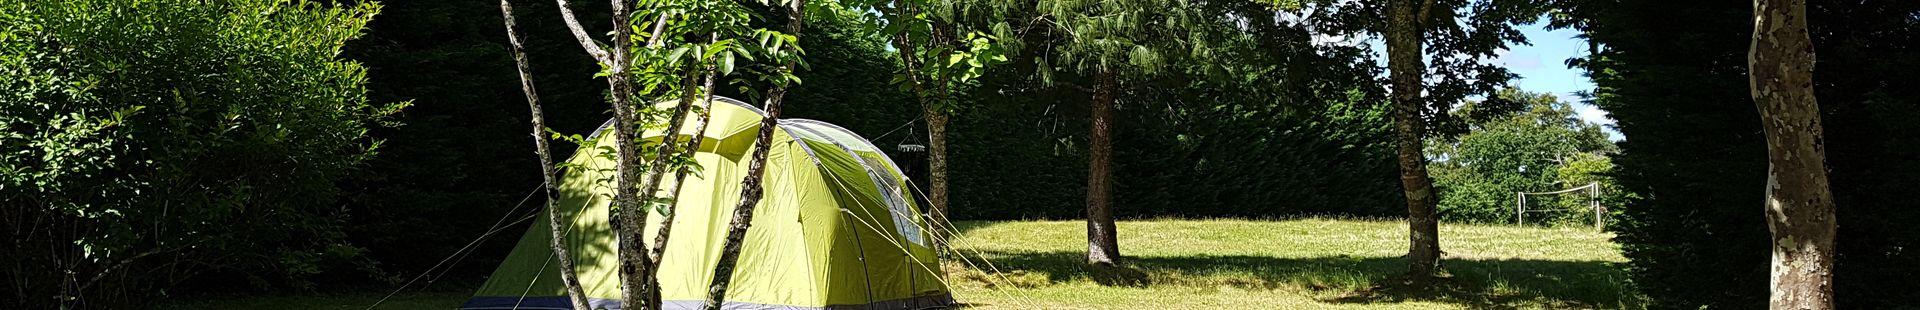 Emplacement de camping - Le Rêve - Emplacement avec vue